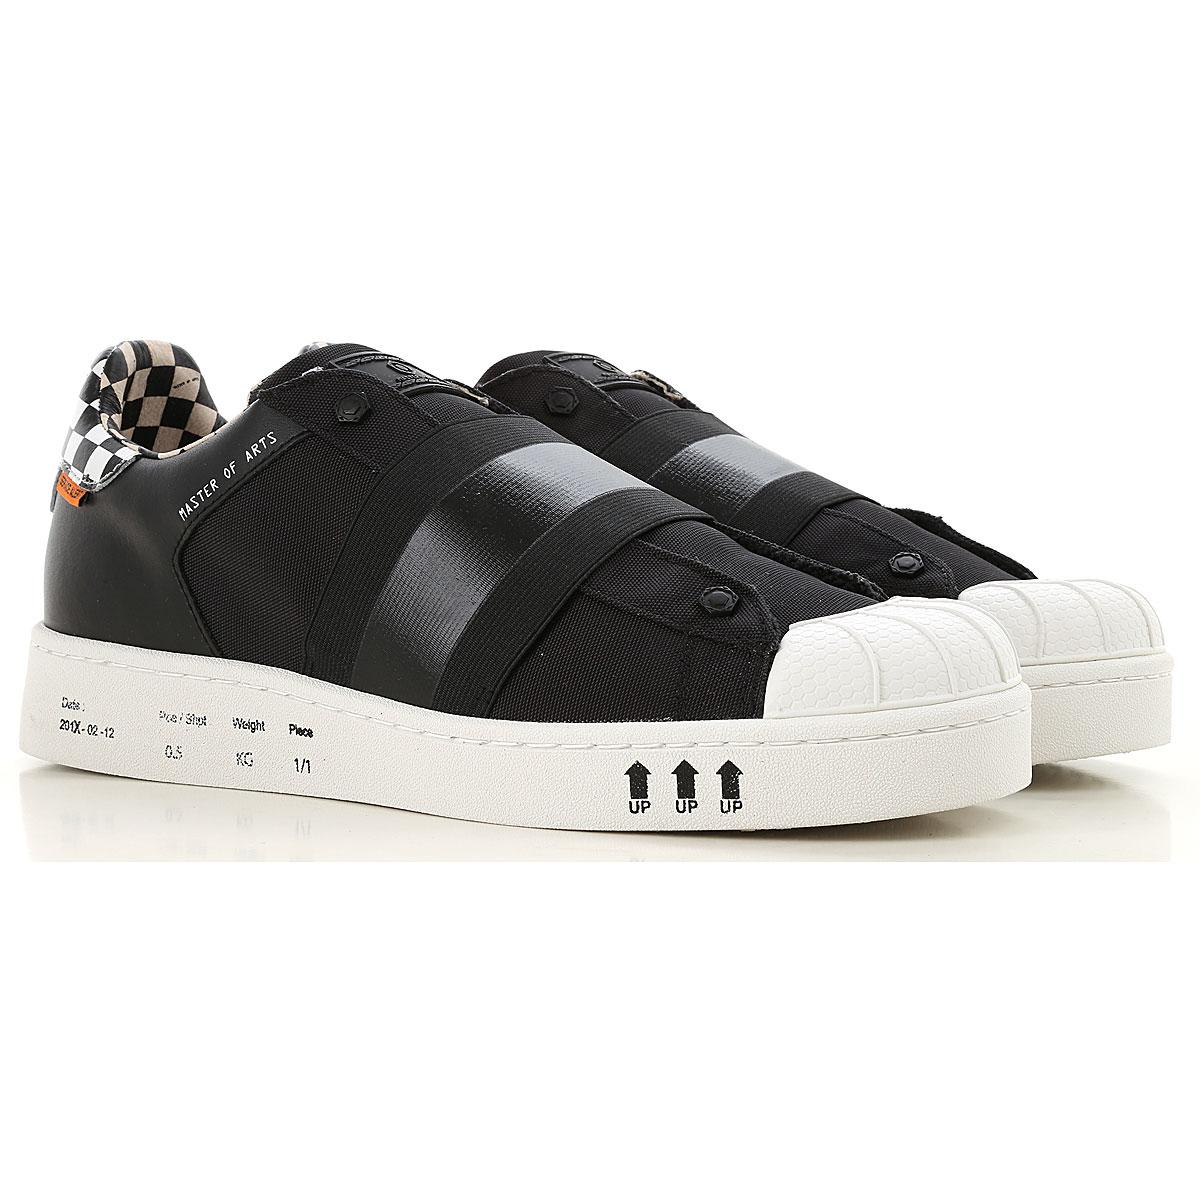 Image of Moa Master of Arts Slip on Sneakers for Men, Black, Nylon, 2017, 10 10.5 7.5 8 9